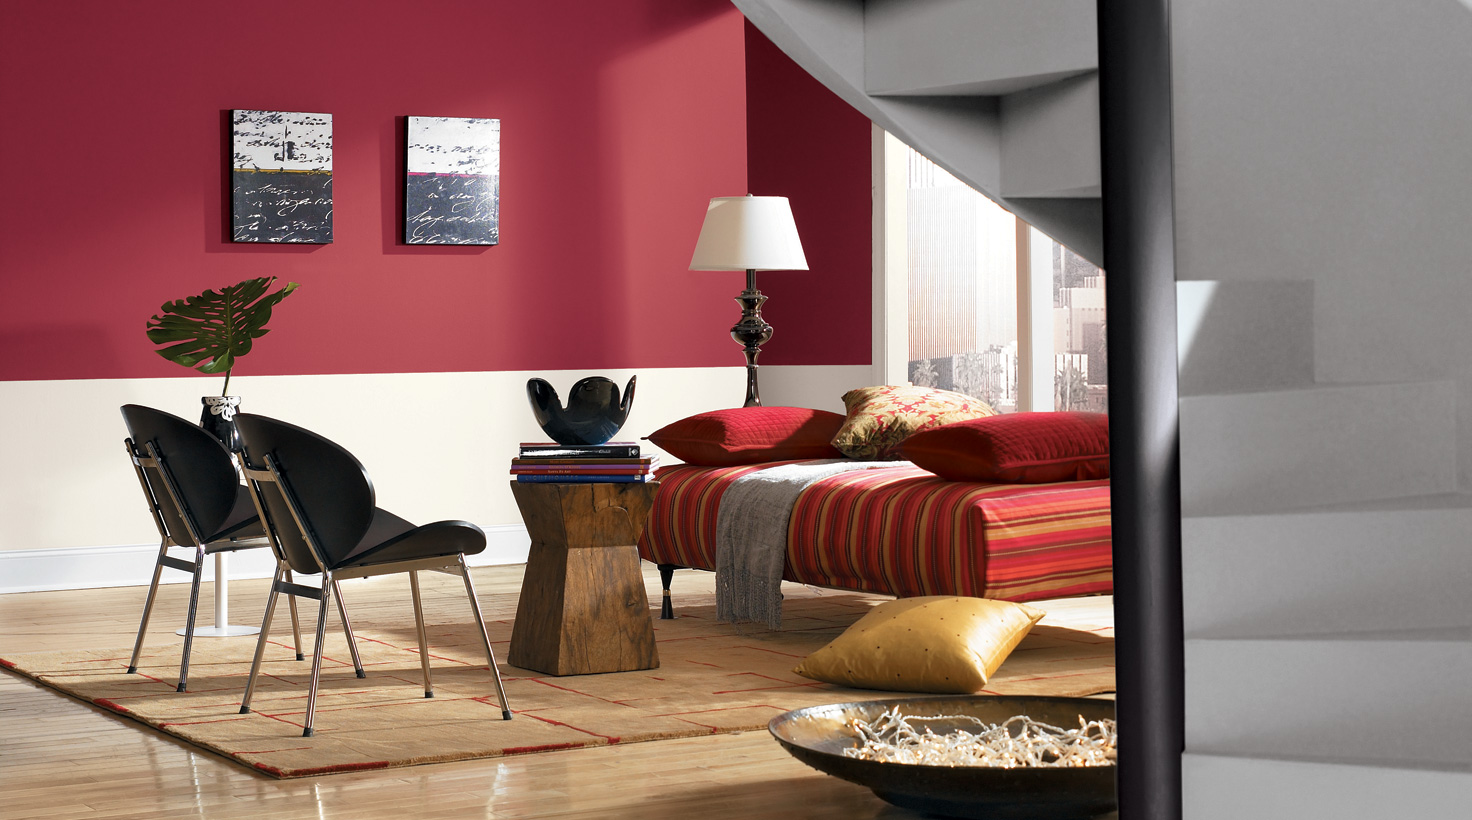 Living Room - Reds